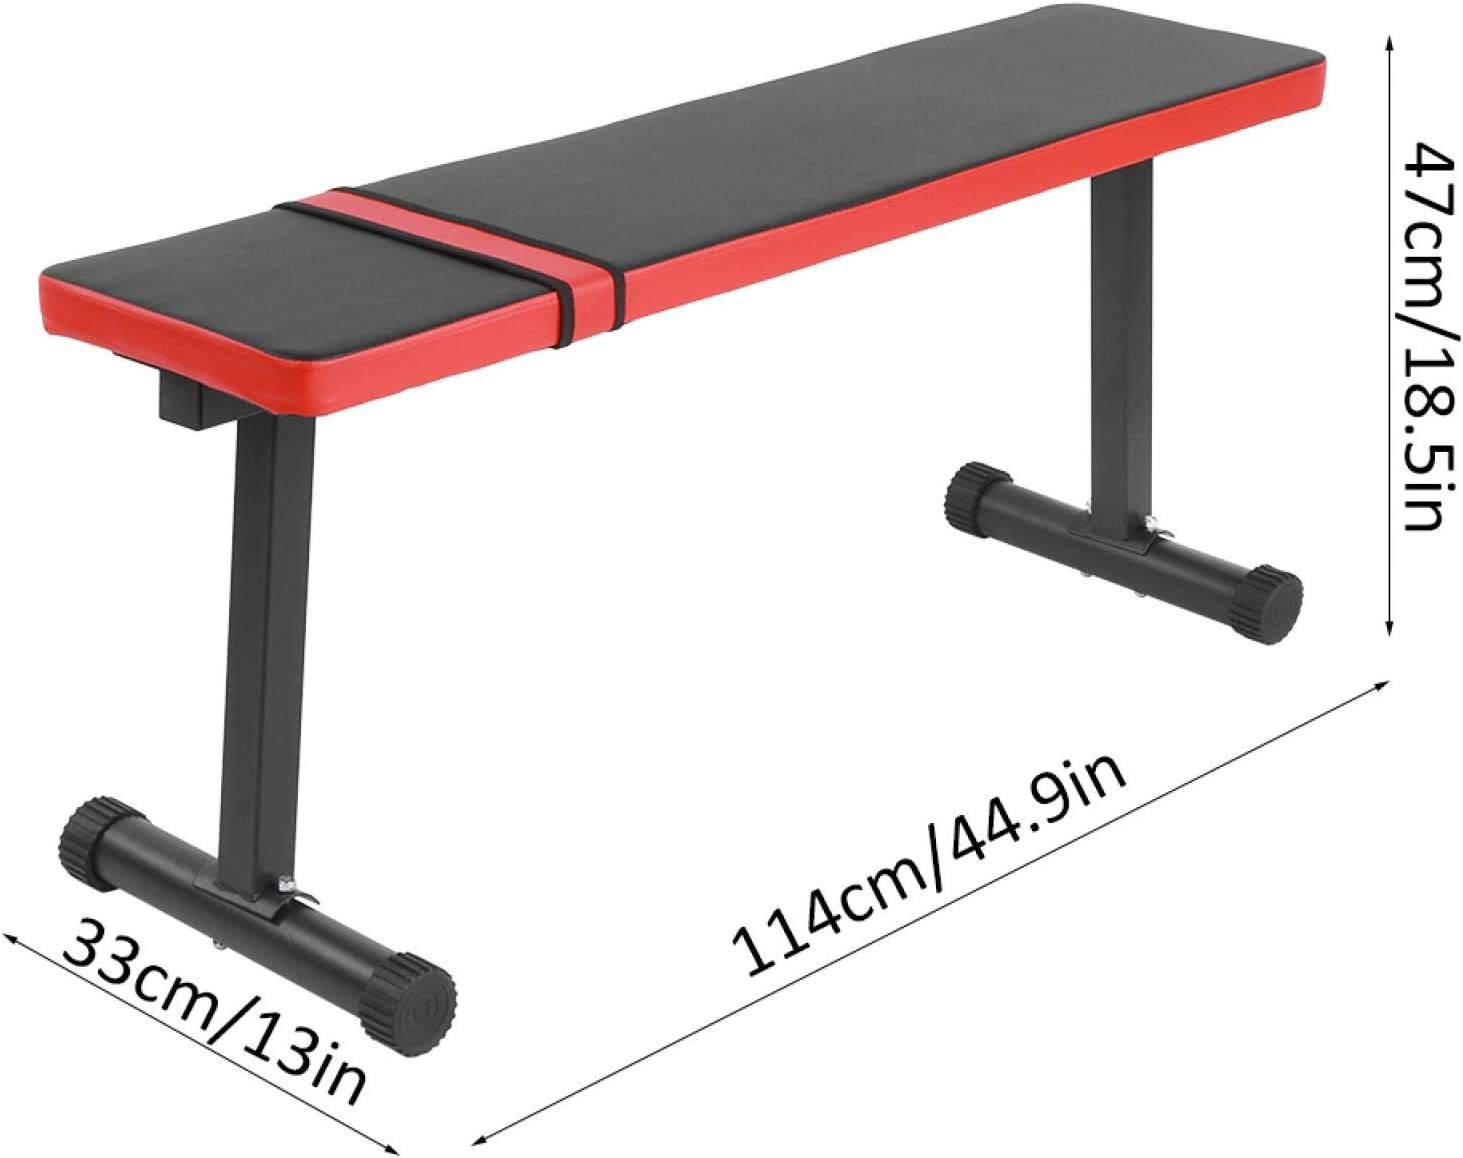 33 x 47 x 114cm bis 300 kg belastbar Ausla Hantelbank Hochwertige Hantel Flachhocker Flachbank Trainingsbank